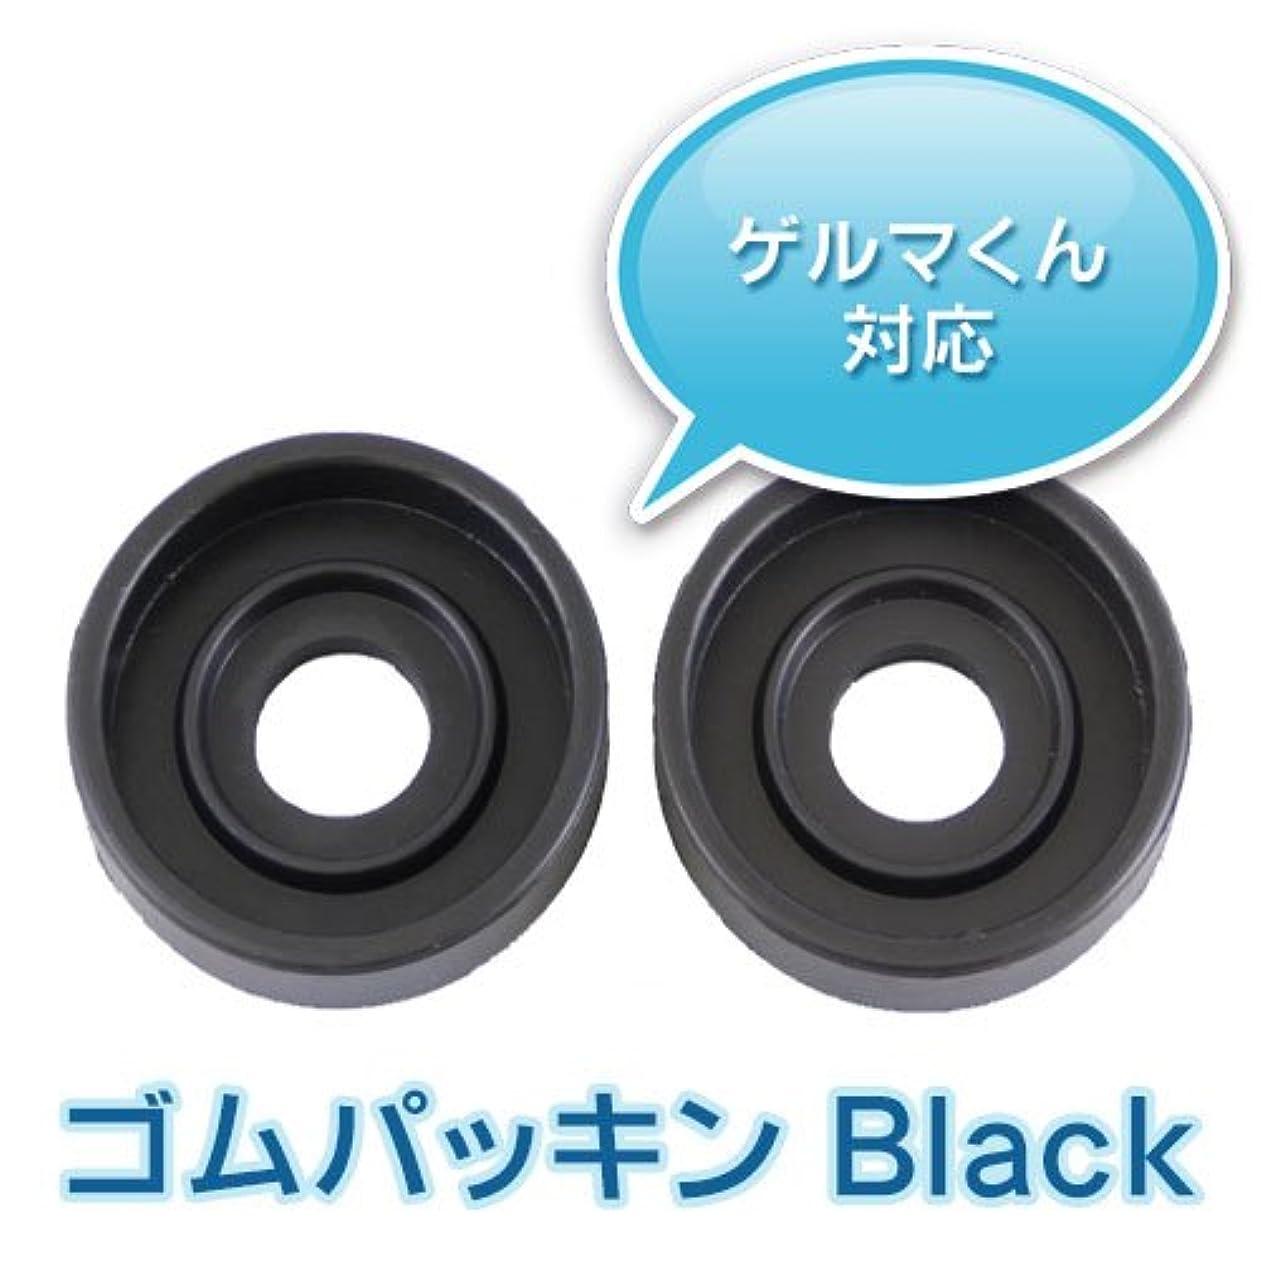 花束カーペット真空ゲルマ温浴器専用ゴムパッキン2個(黒)★「ゲルマくん」対応